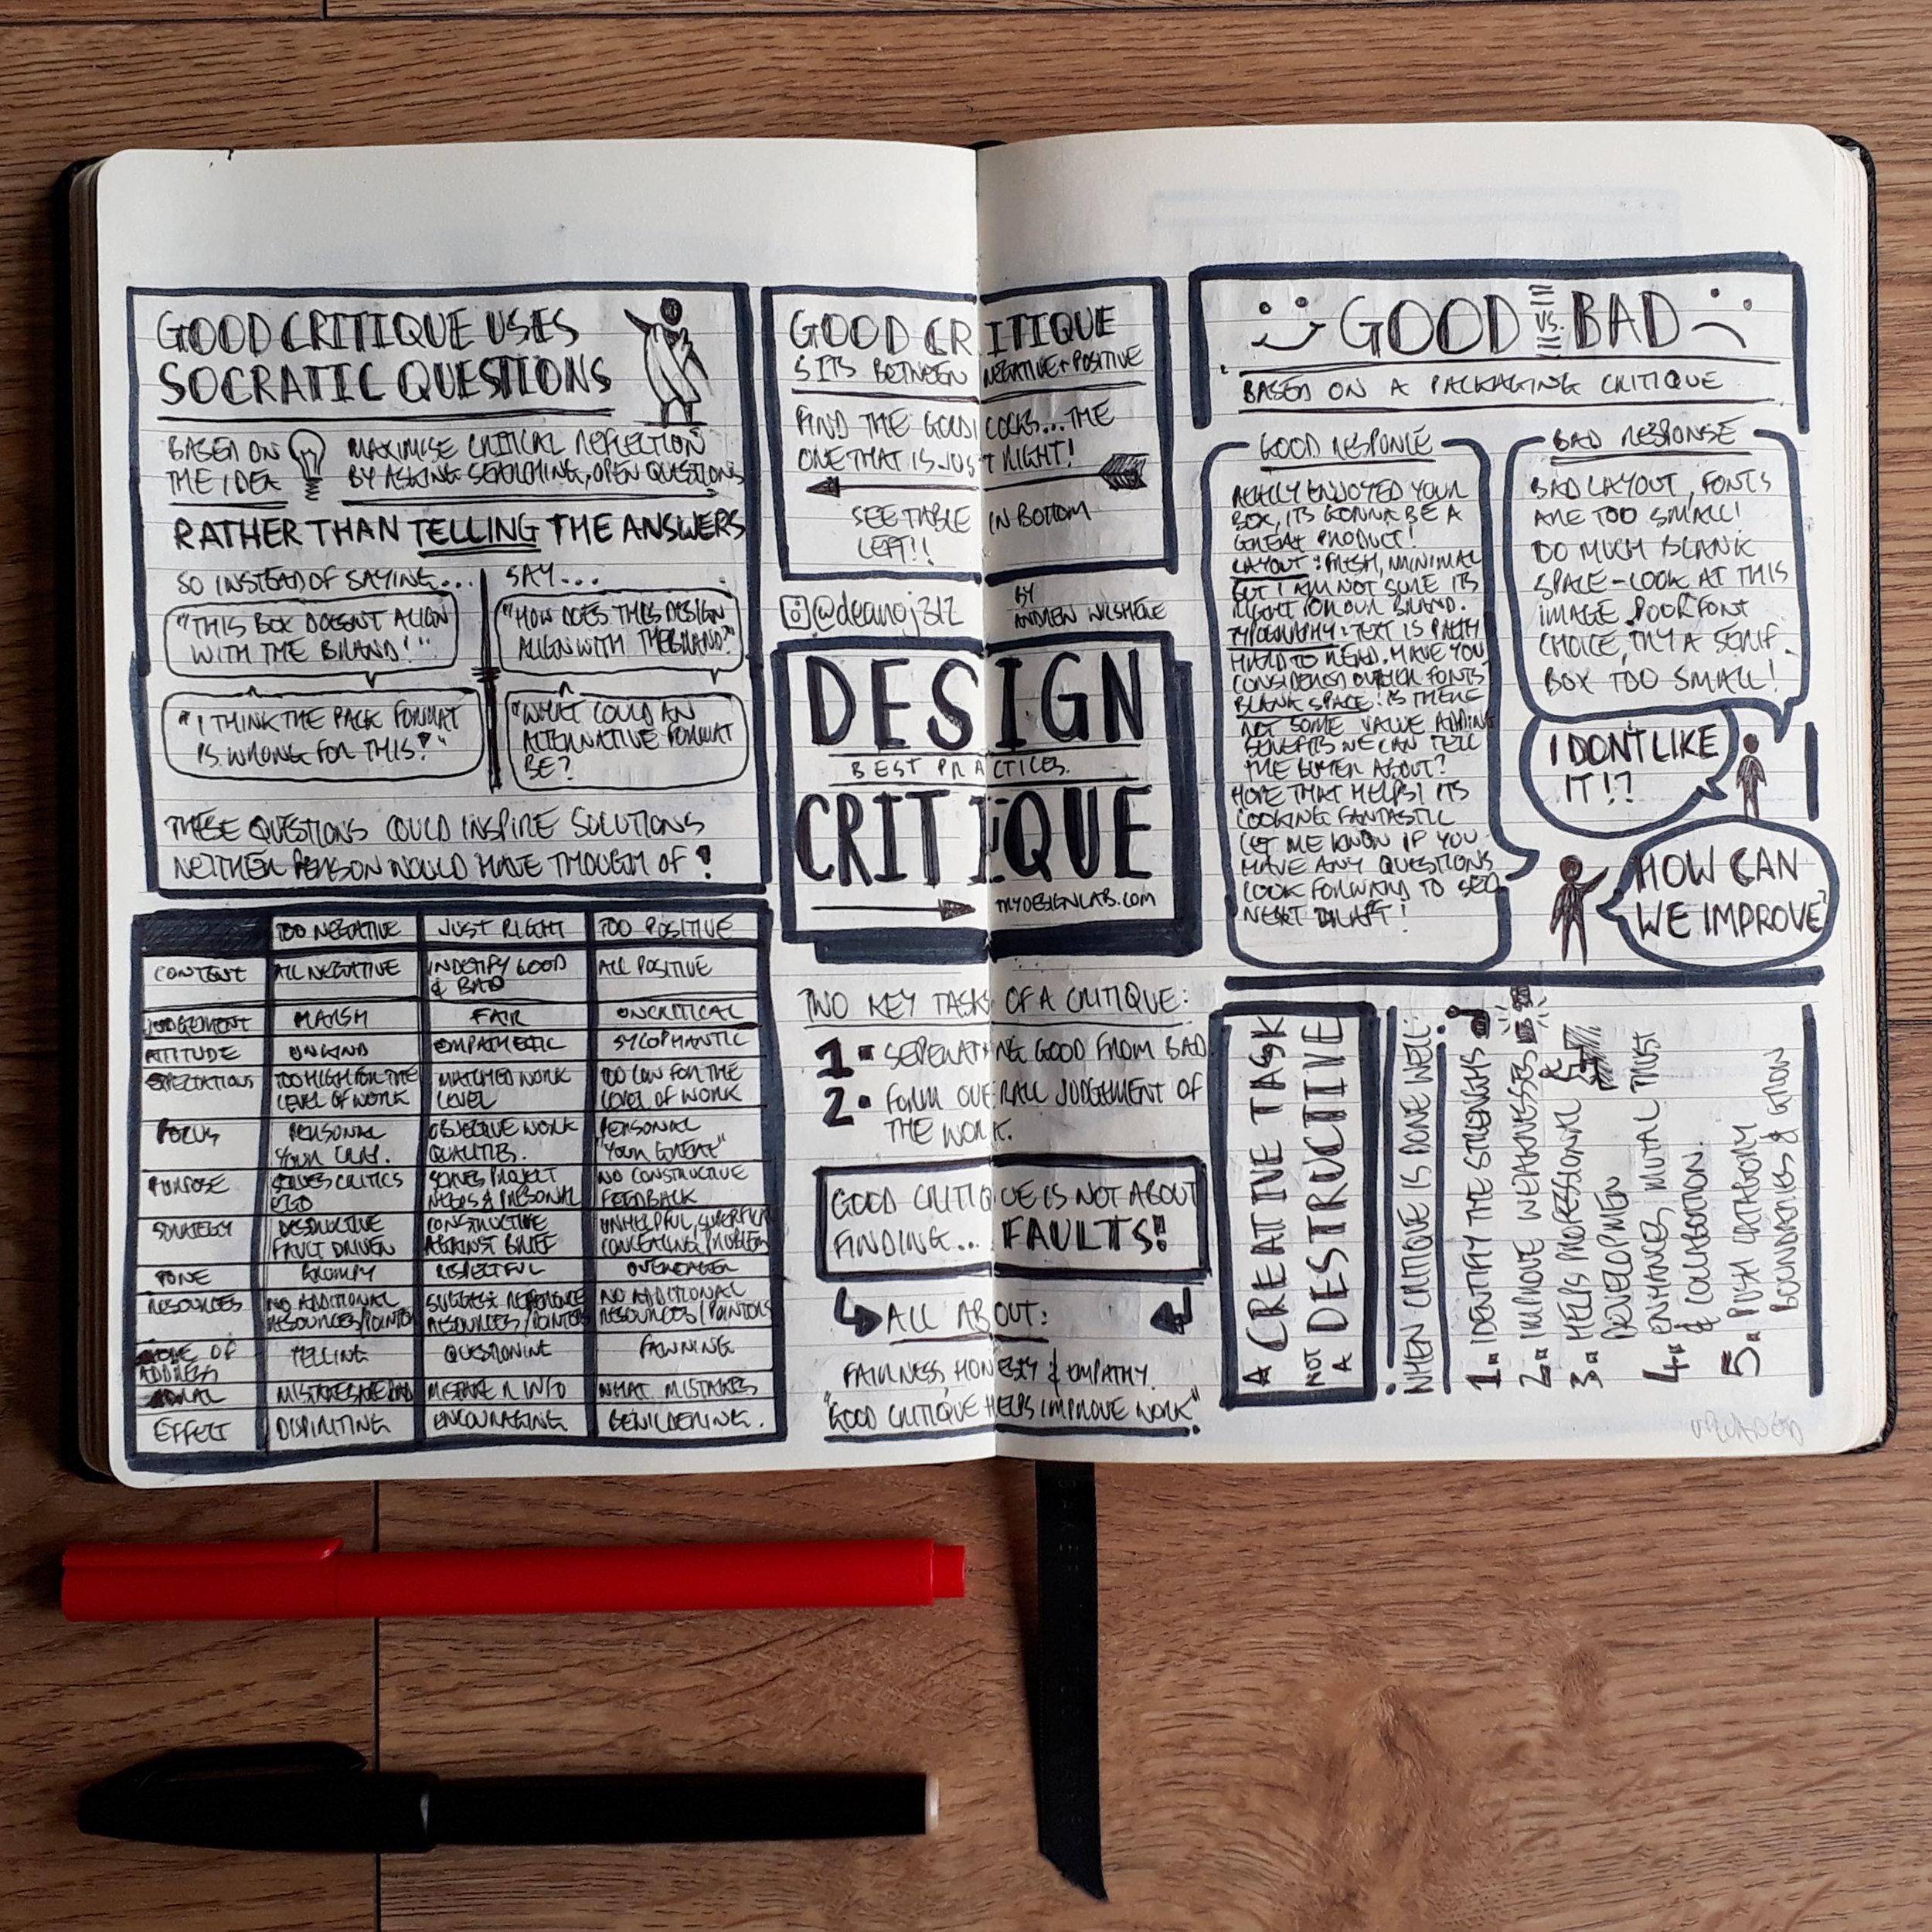 DesignCritiqueBestPractices1.jpg